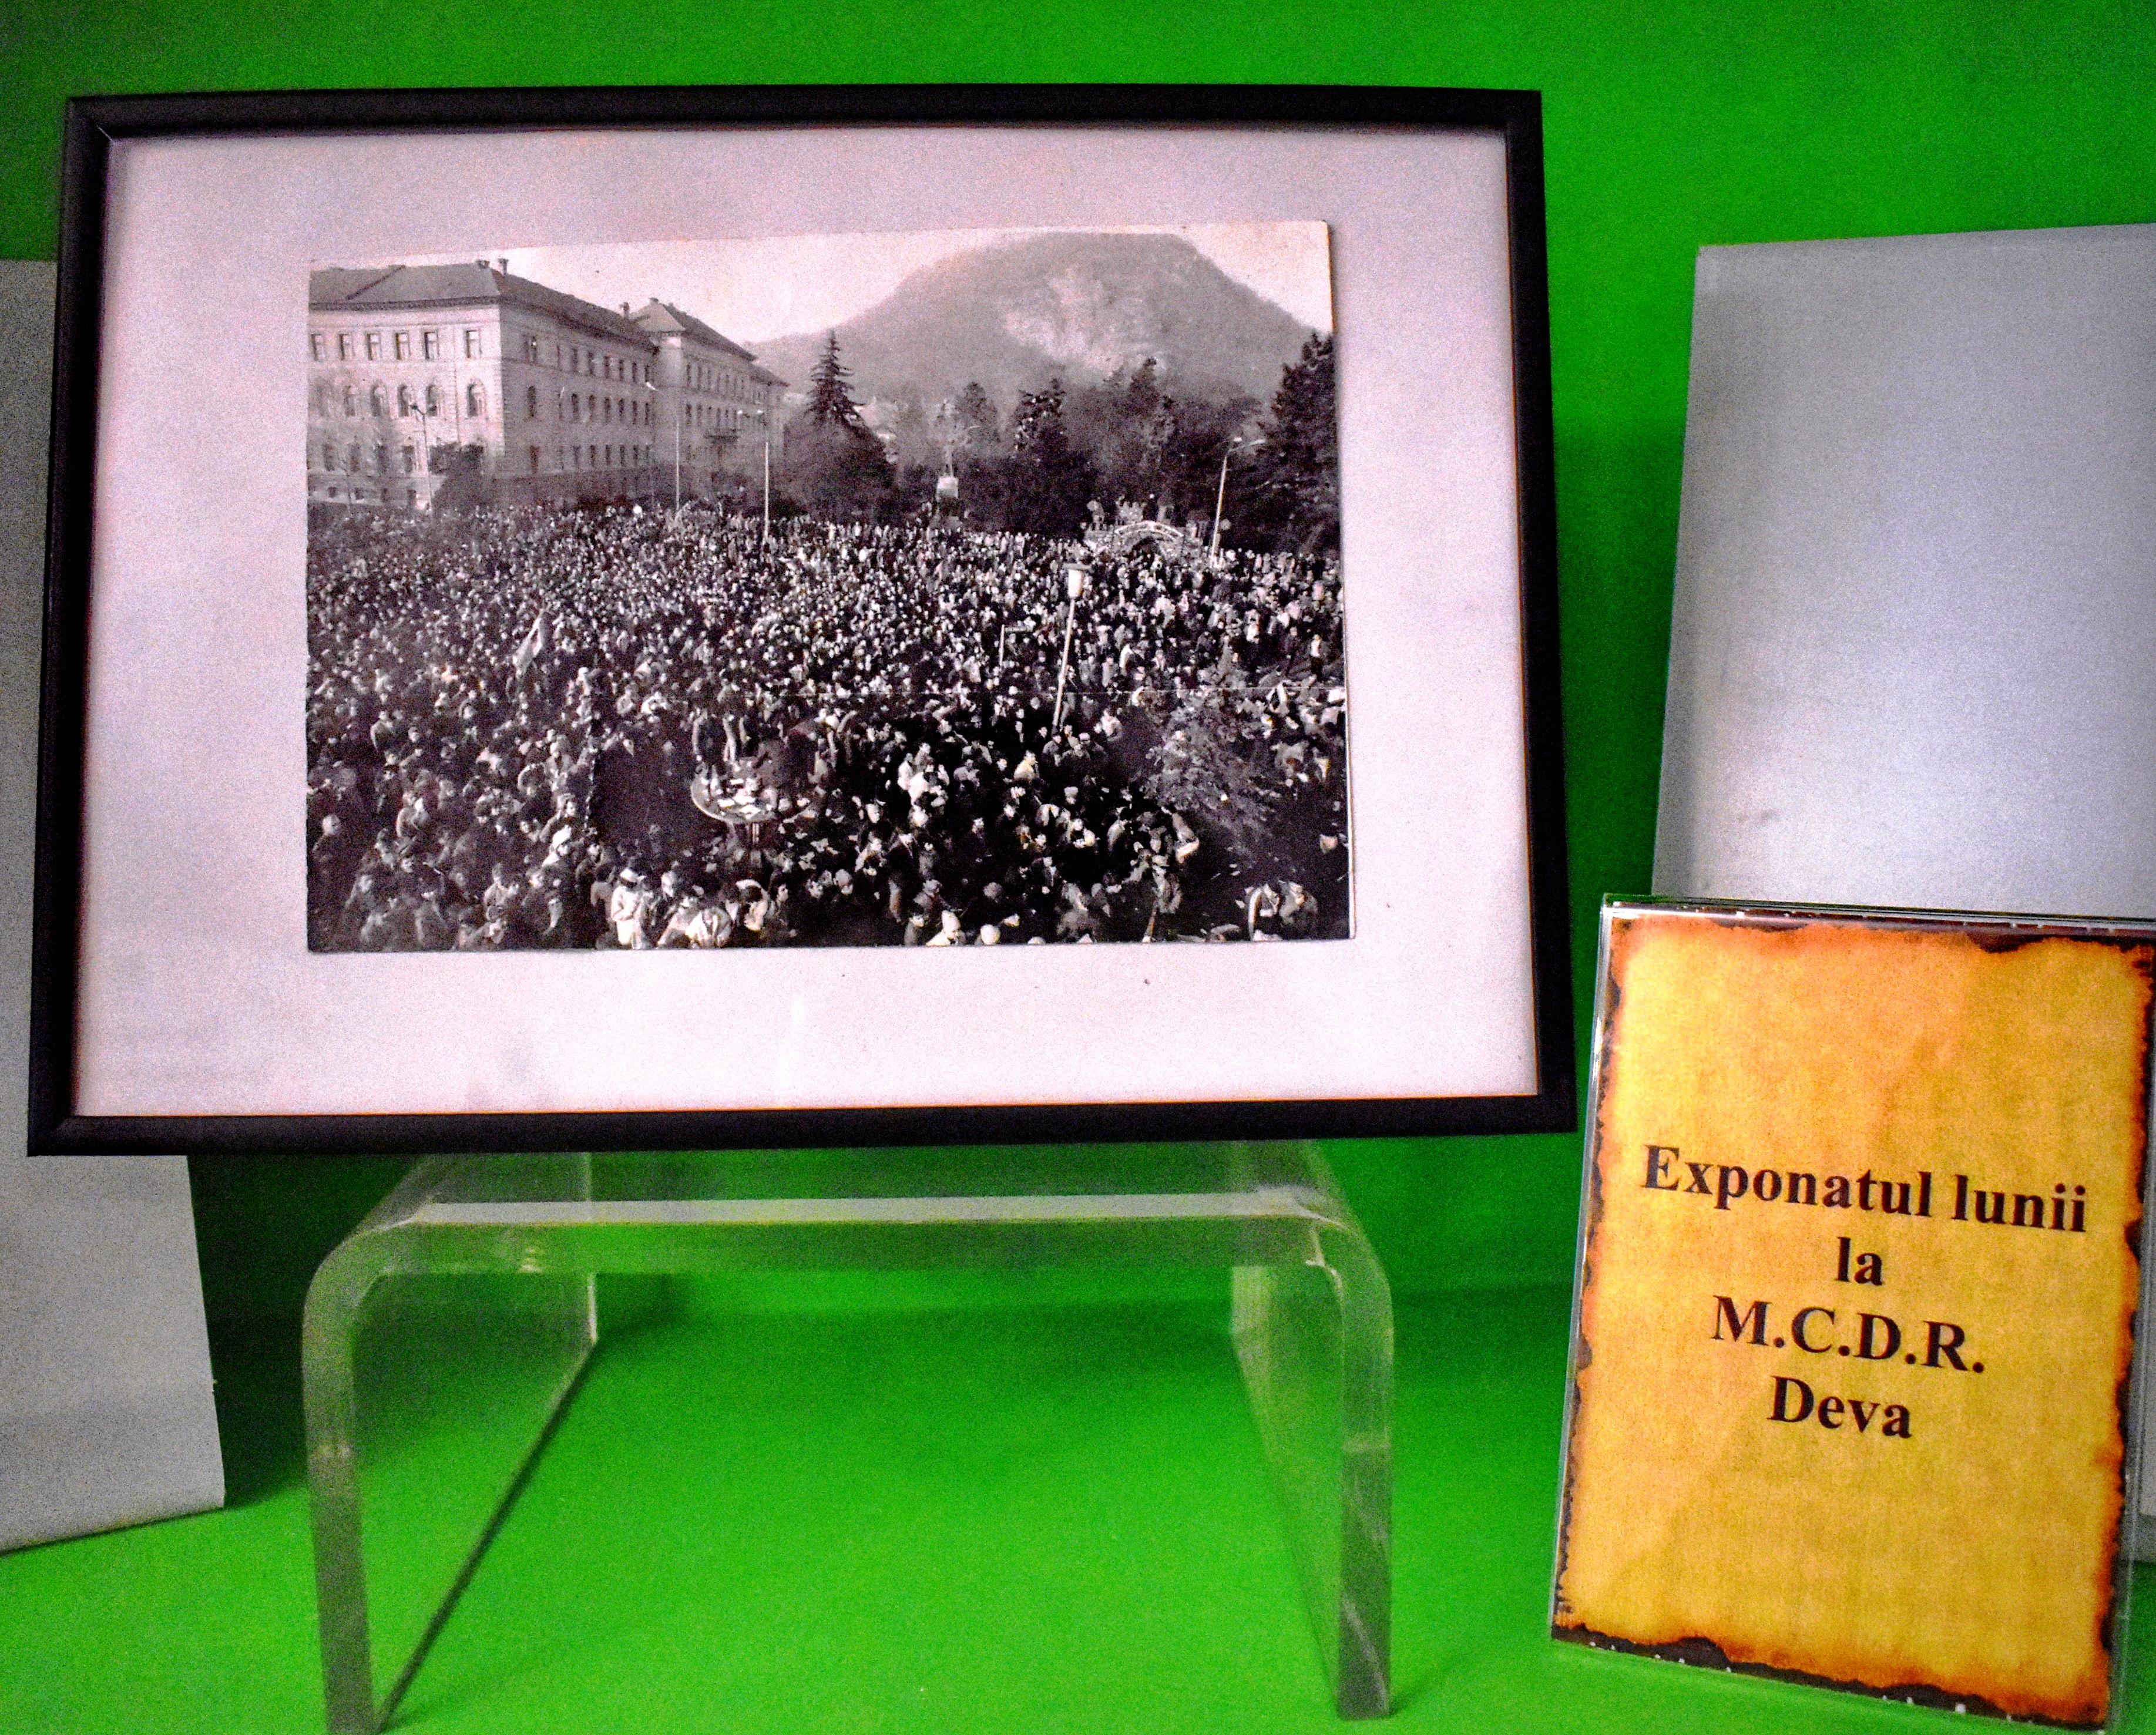 Exponatul lunii la muzeul din Deva: o fotografie din 1989 din fața Prefecturii Hunedoara